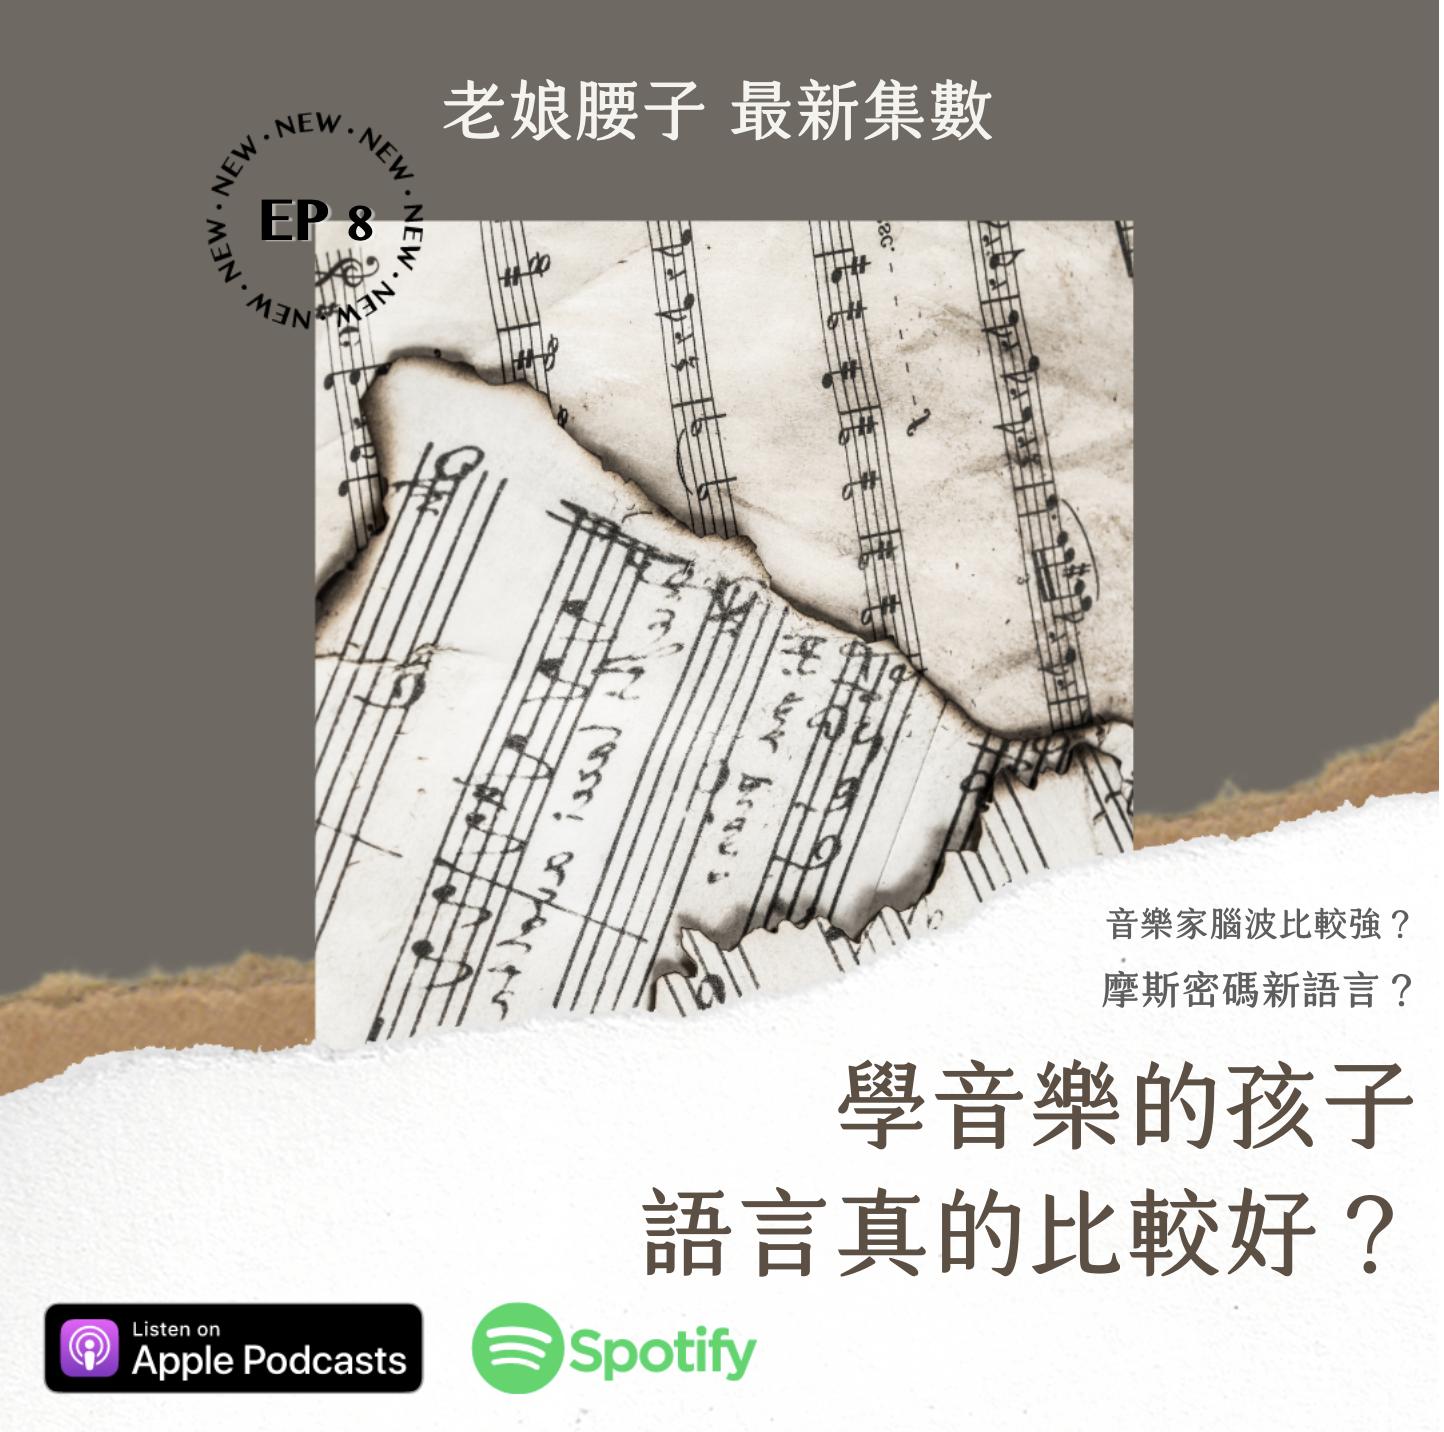 Ep 8:如虎添翼或左支右絀:音樂人語言學得比較好?